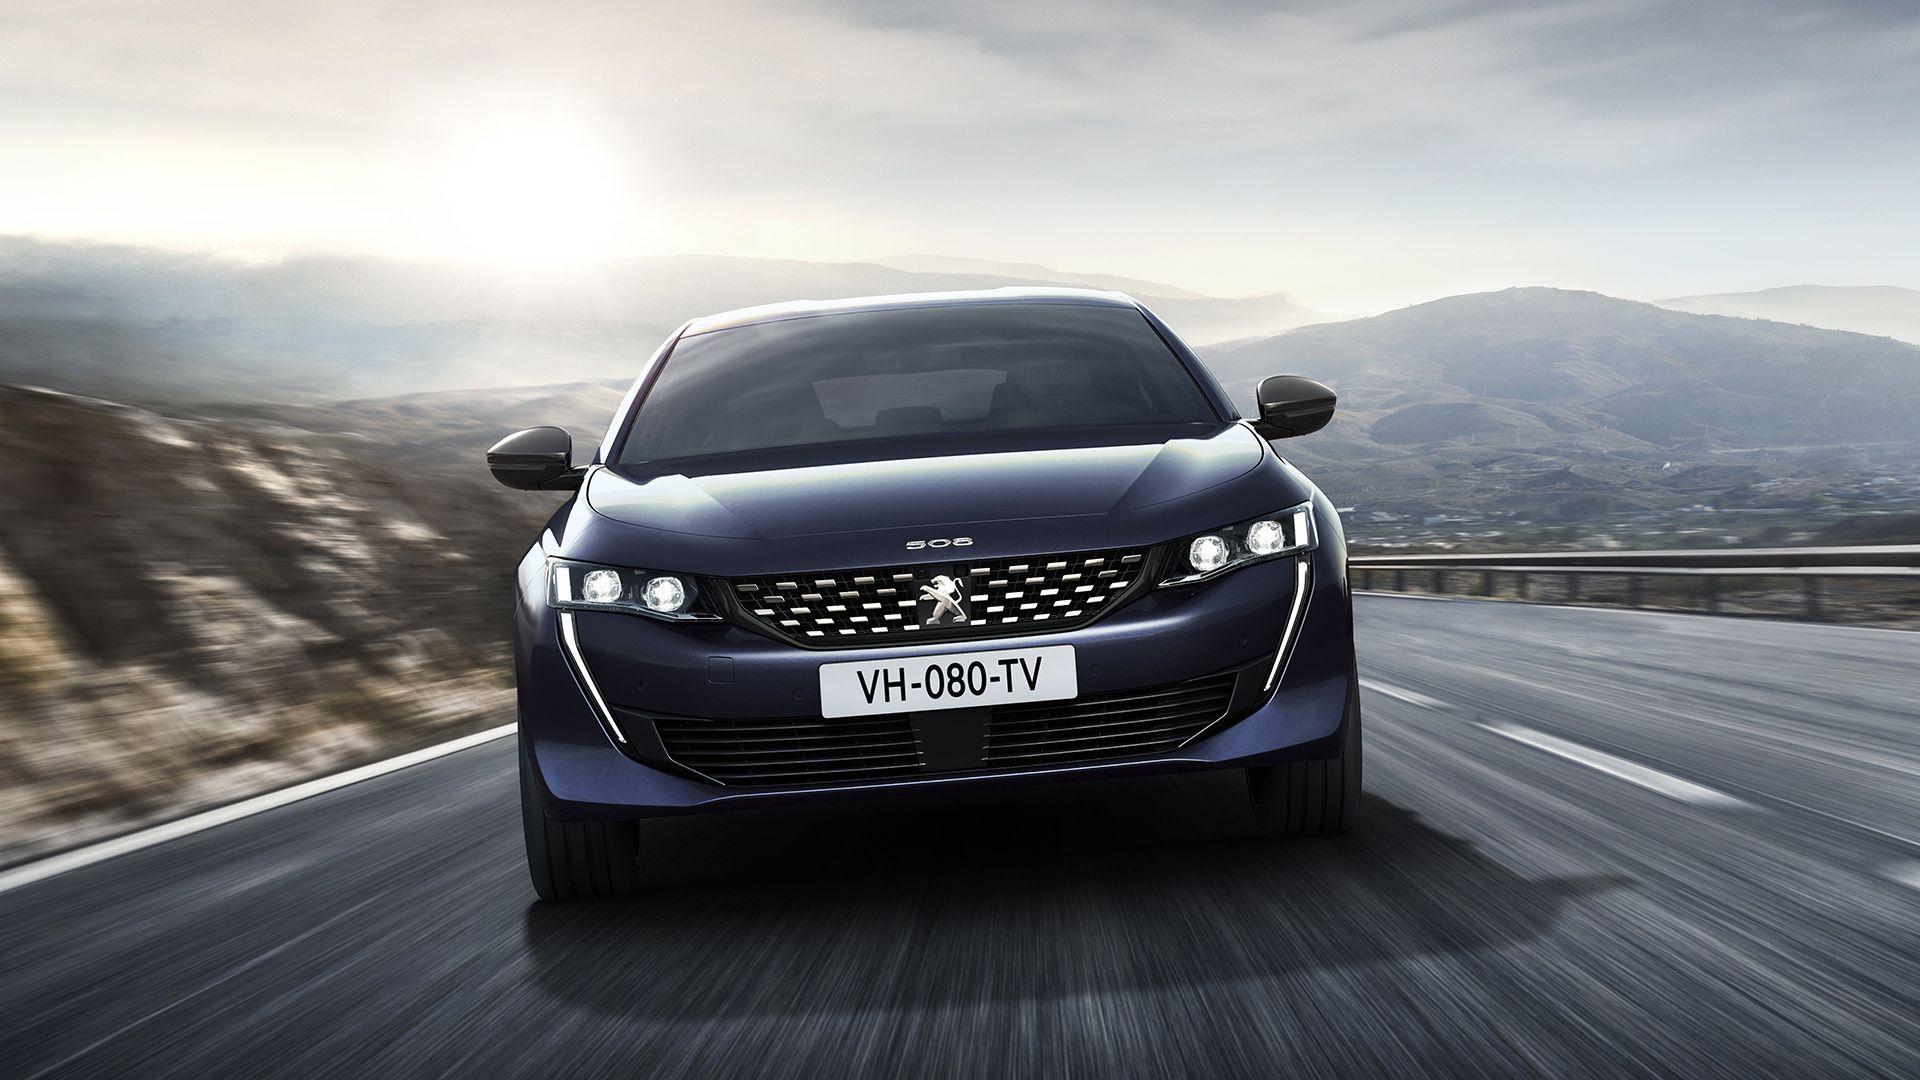 Vine a conèixer el nou Peugeot 508 a les jornades de portes obertes